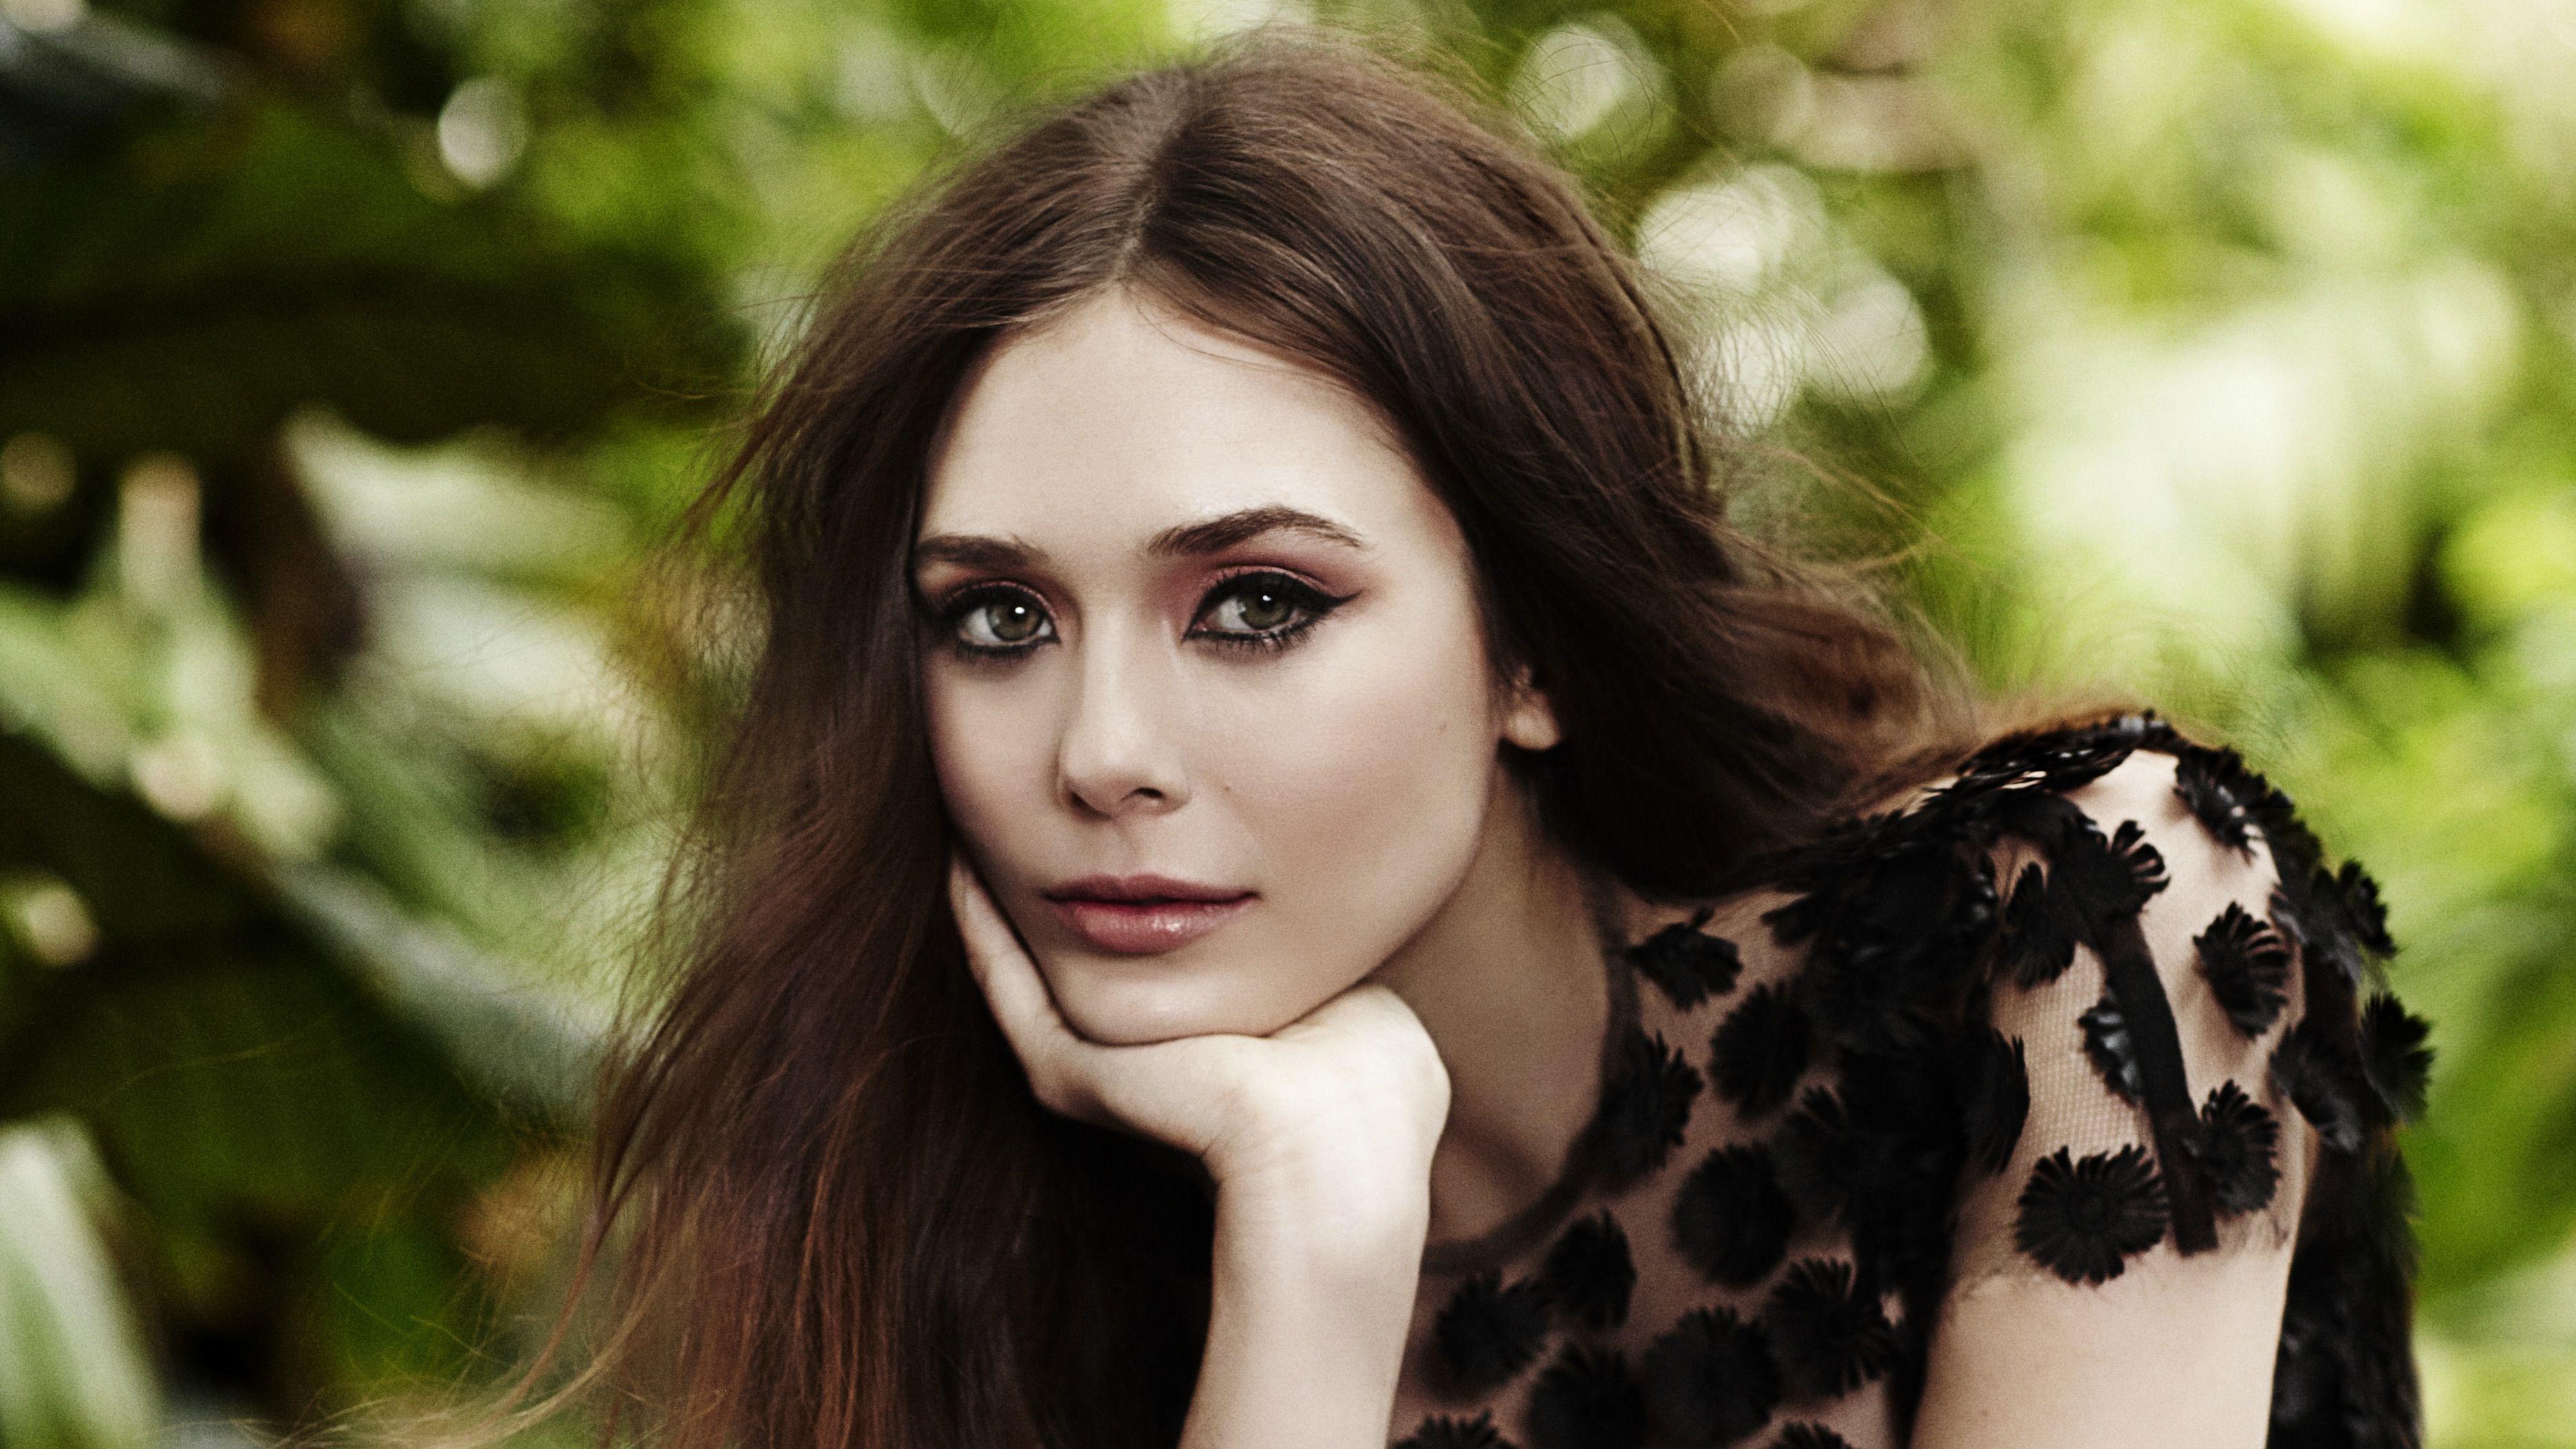 elizabeth olsen makeup widescreen wallpaper 66249